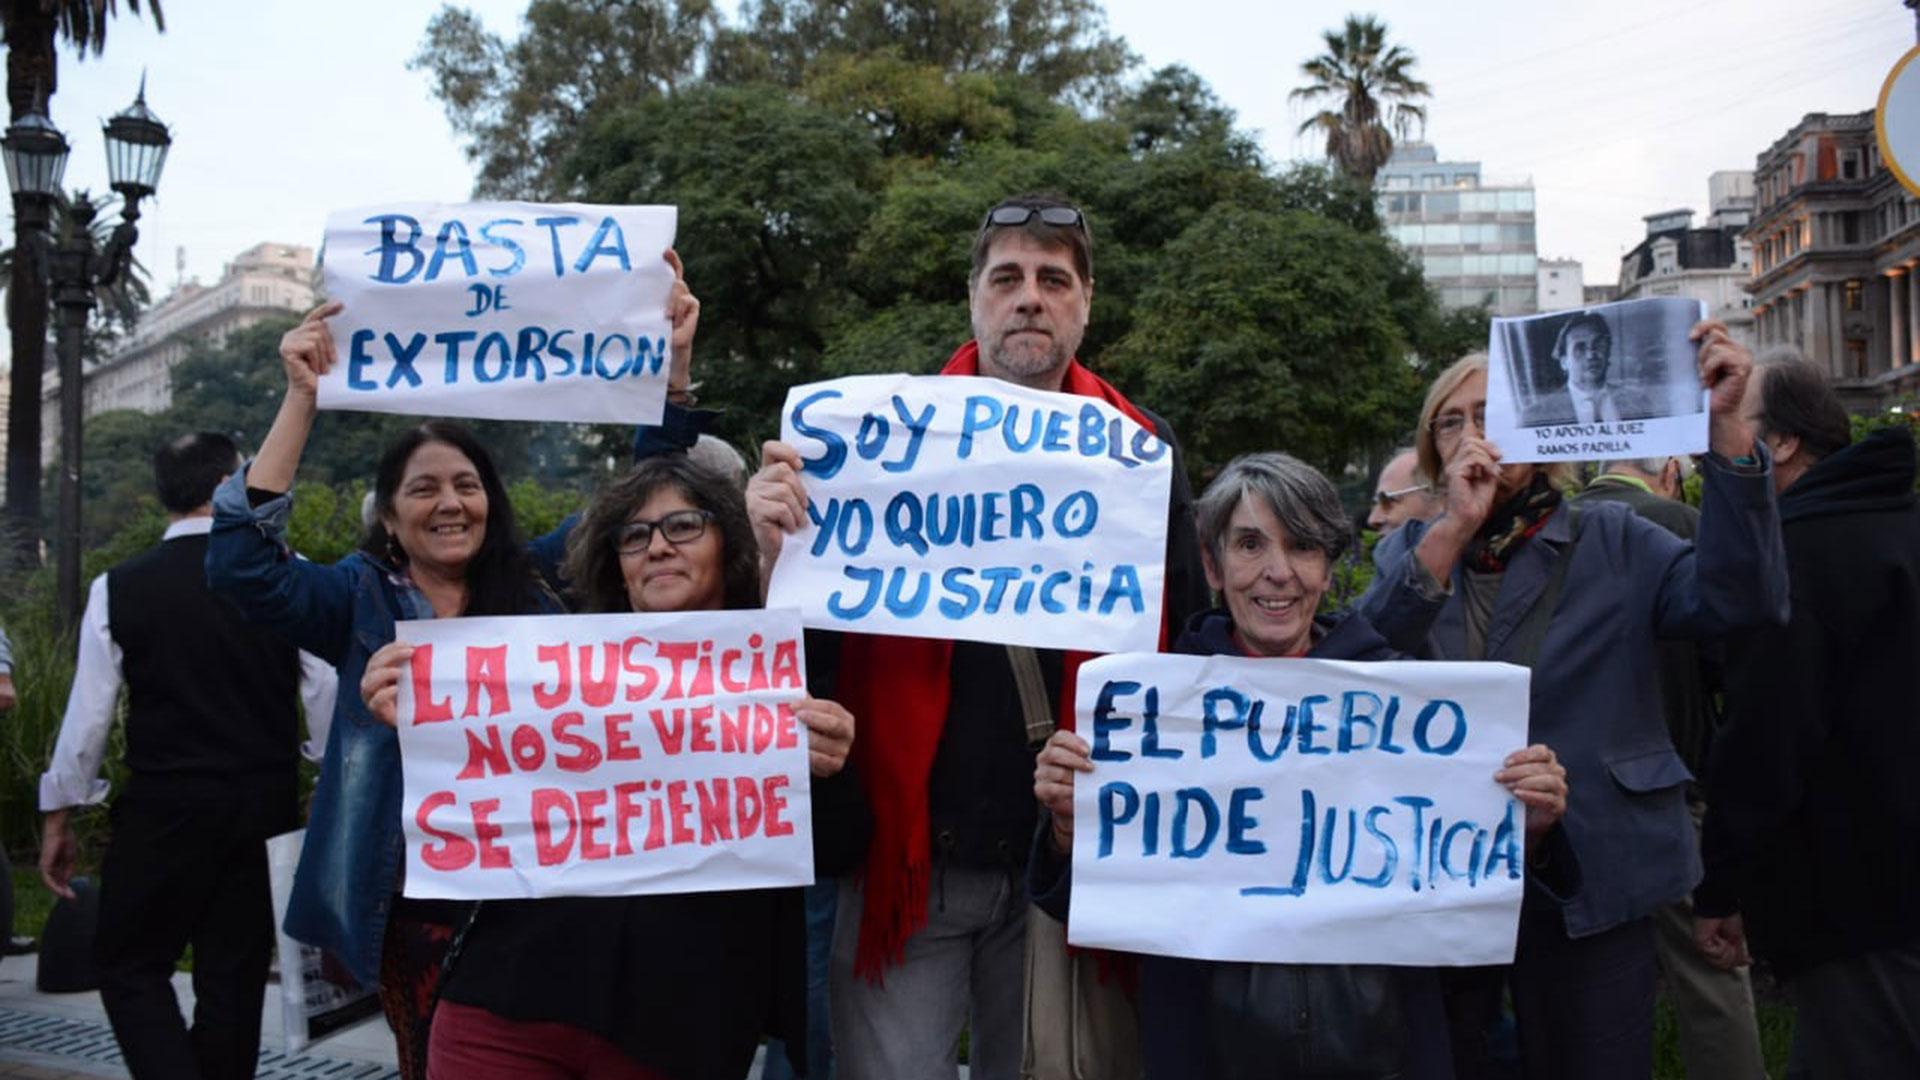 Hombres y mujeres también se expresaron a través de carteles